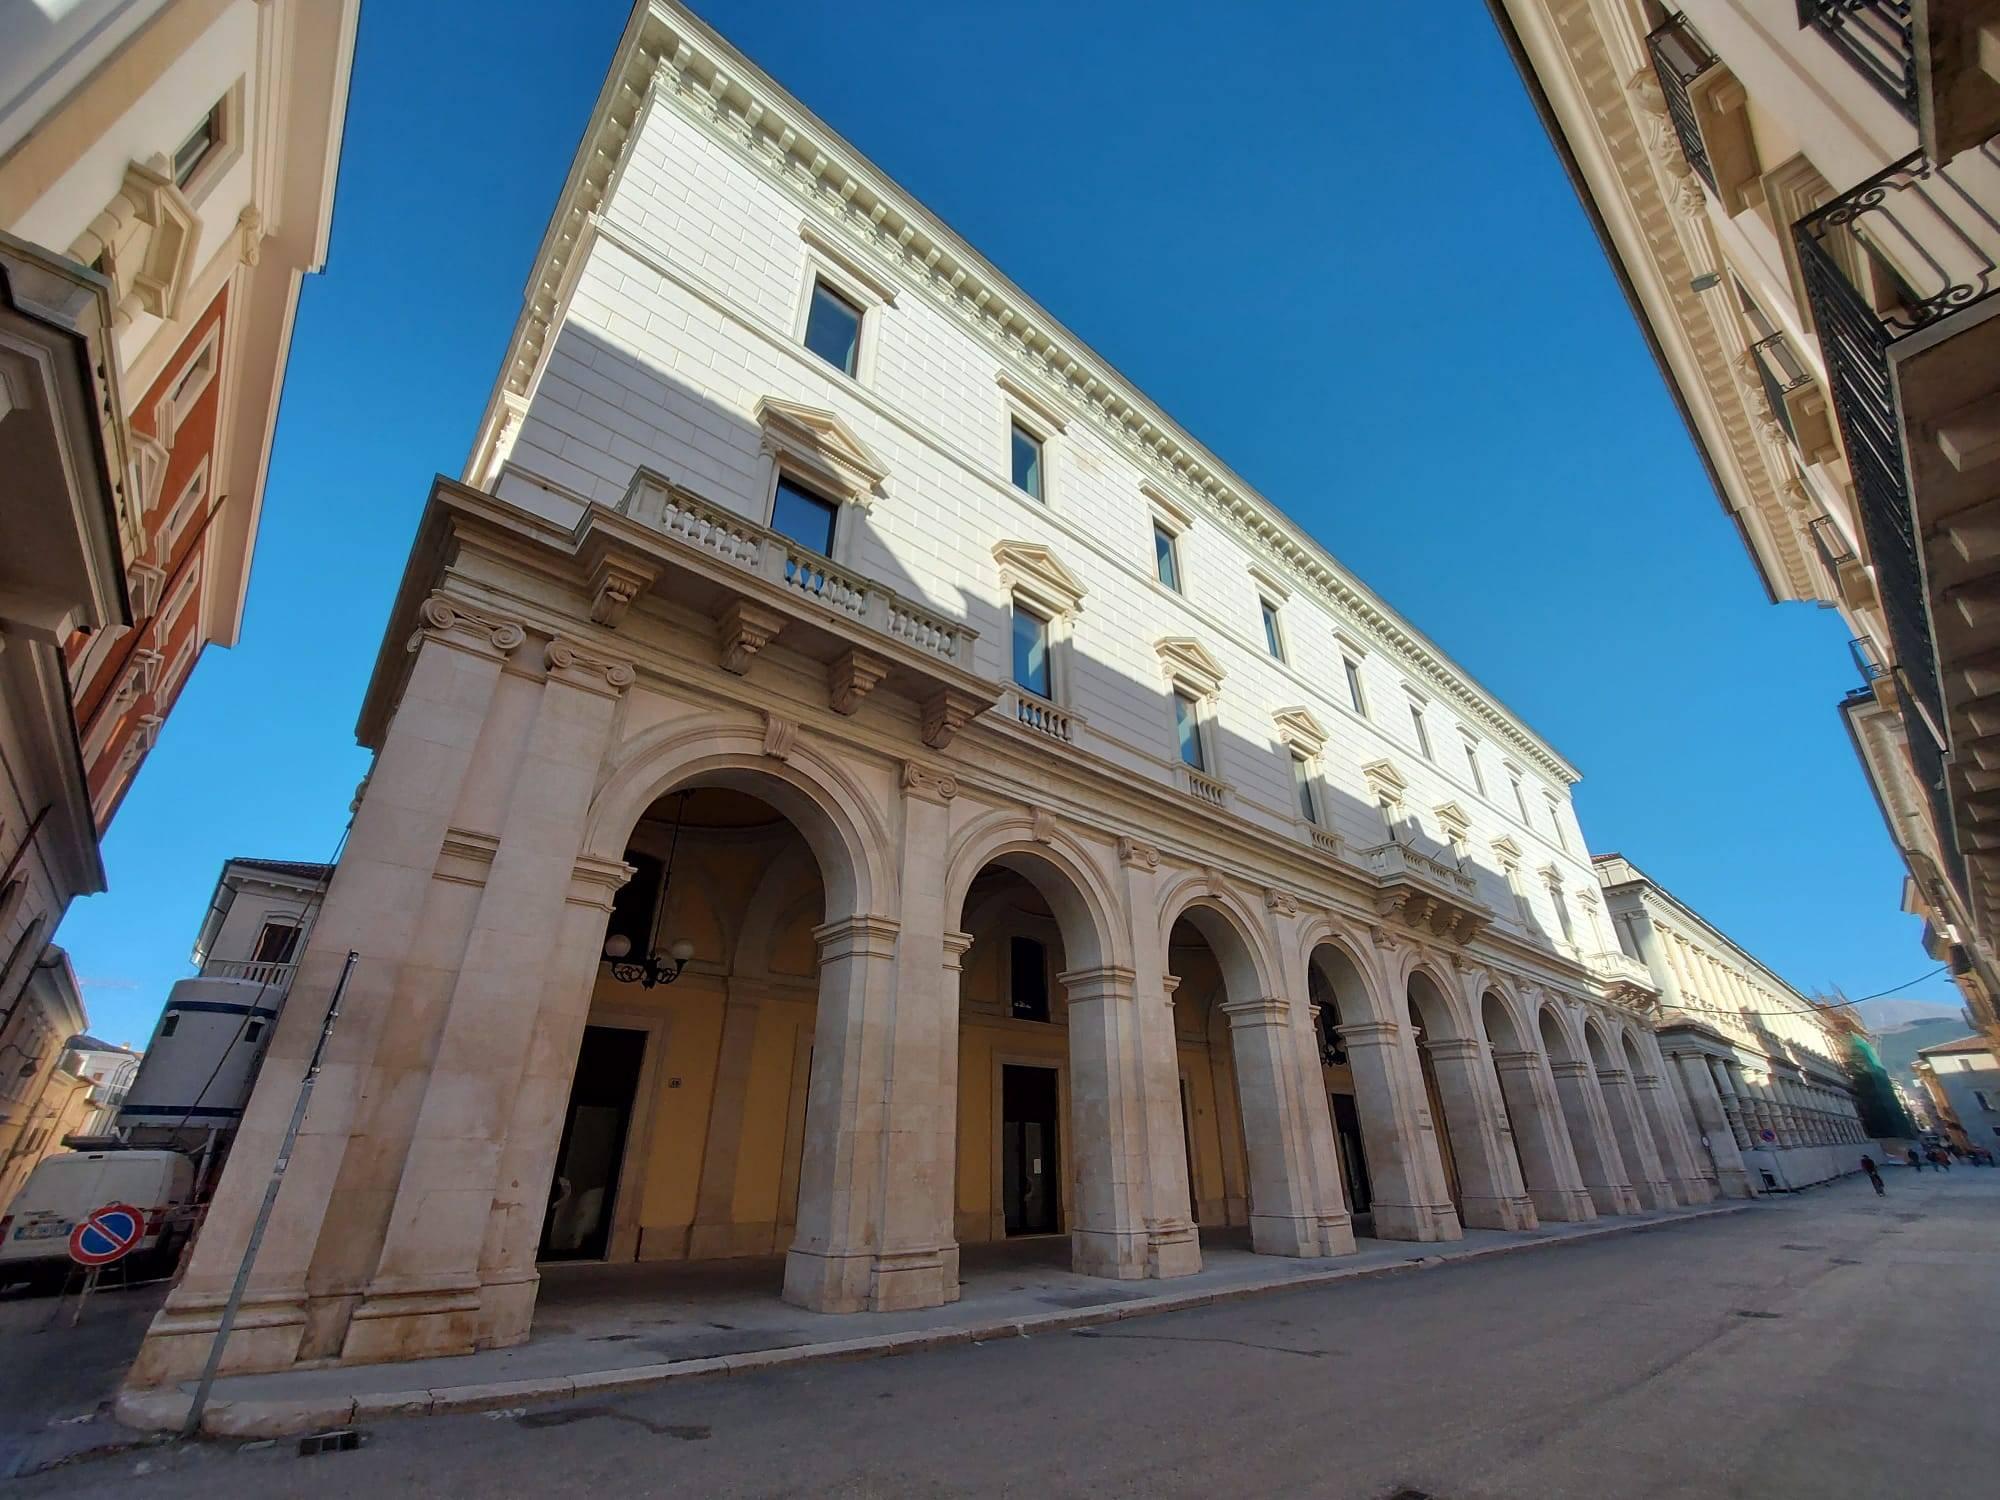 l'aquila:-bper-banca-torna-in-centro-storico,-dal-19-luglio-operativa-sede-corso-vittorio-emanuele